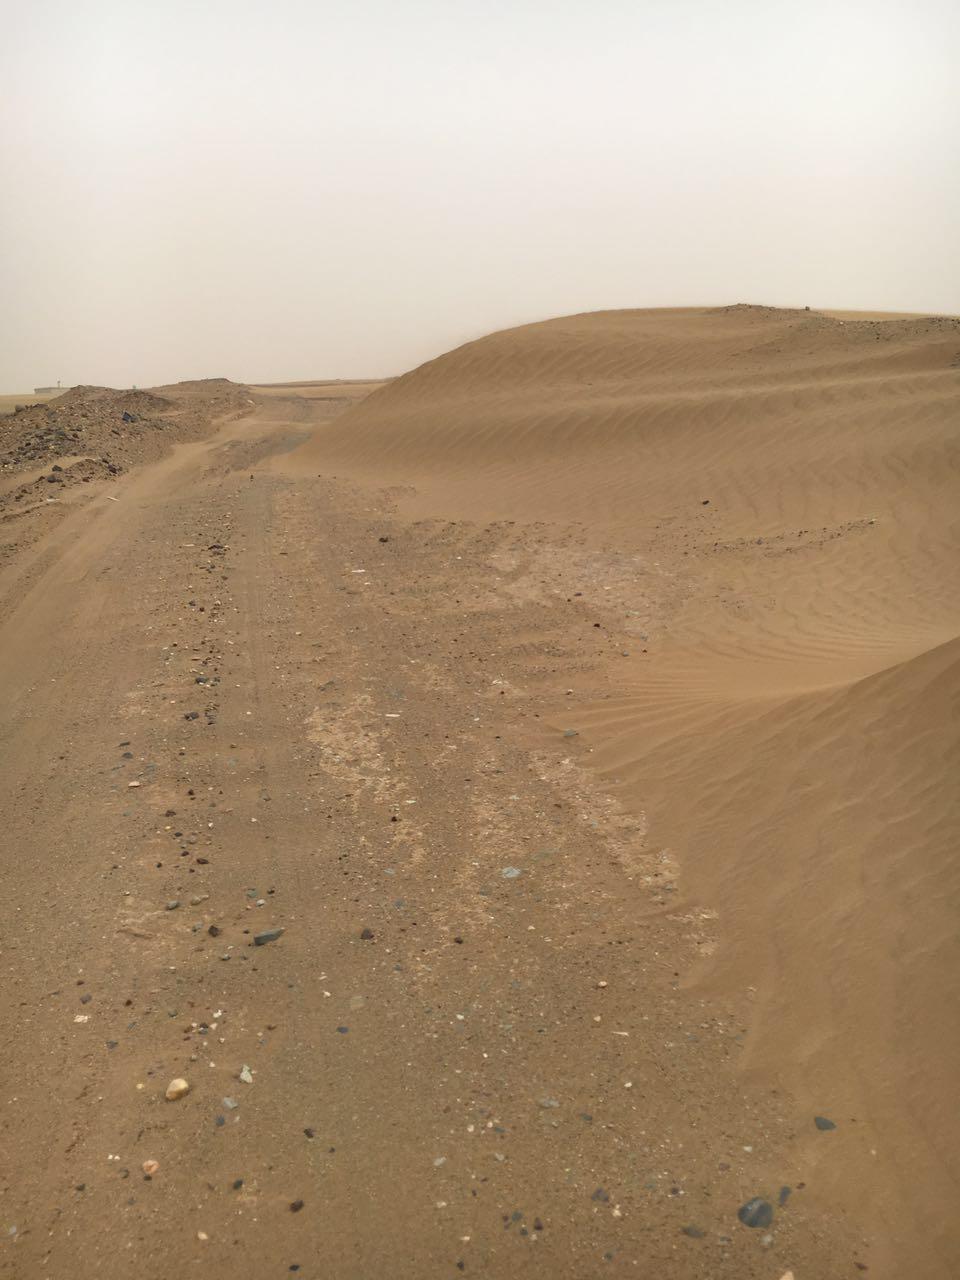 مواطن من مليحة عسير الرمال أغلقت الطرق ومللنا من الوعود الزائفة (1)